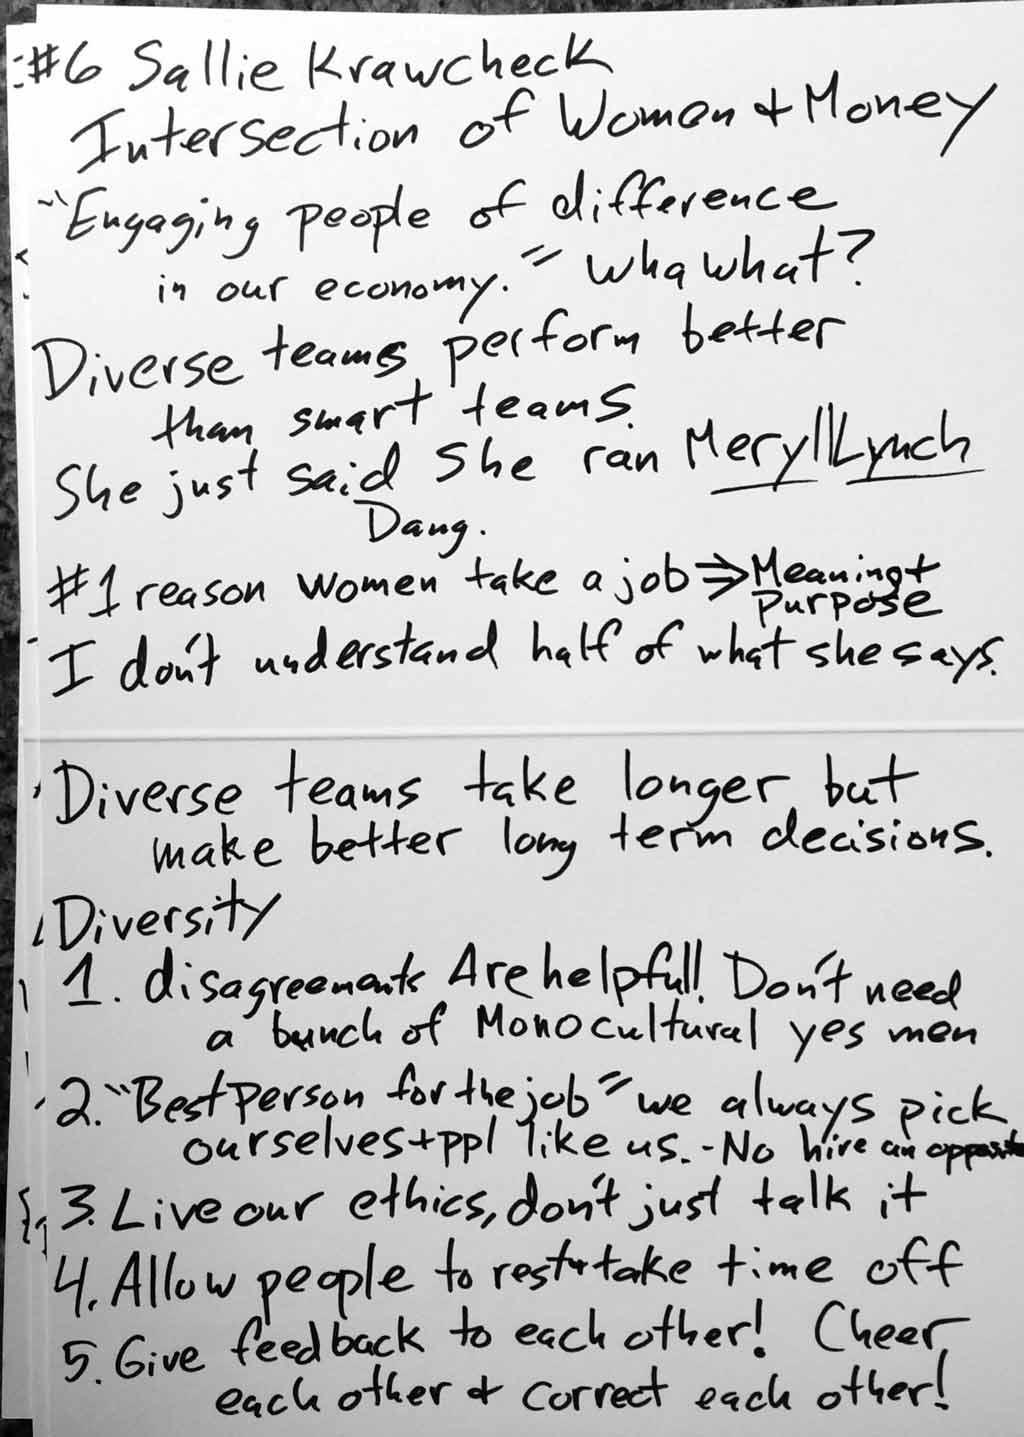 Sallie Krawcheck notes